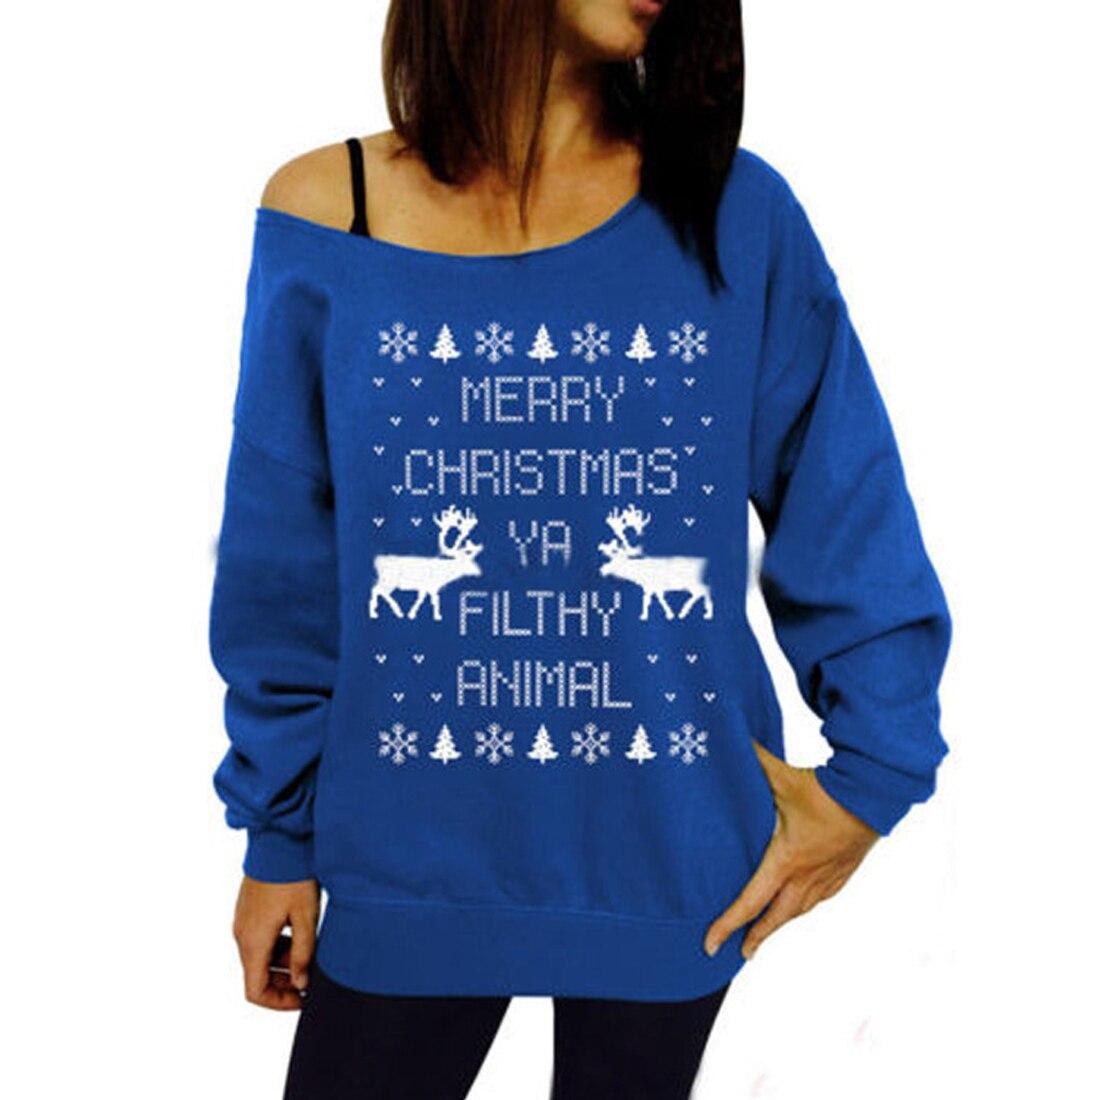 YJSFG HOUSE Christmas Print Women Girls Hoodie Home Party Jacket Deer Top Sweats Sweatshirt Skew Collar Pullover Autumn Casual